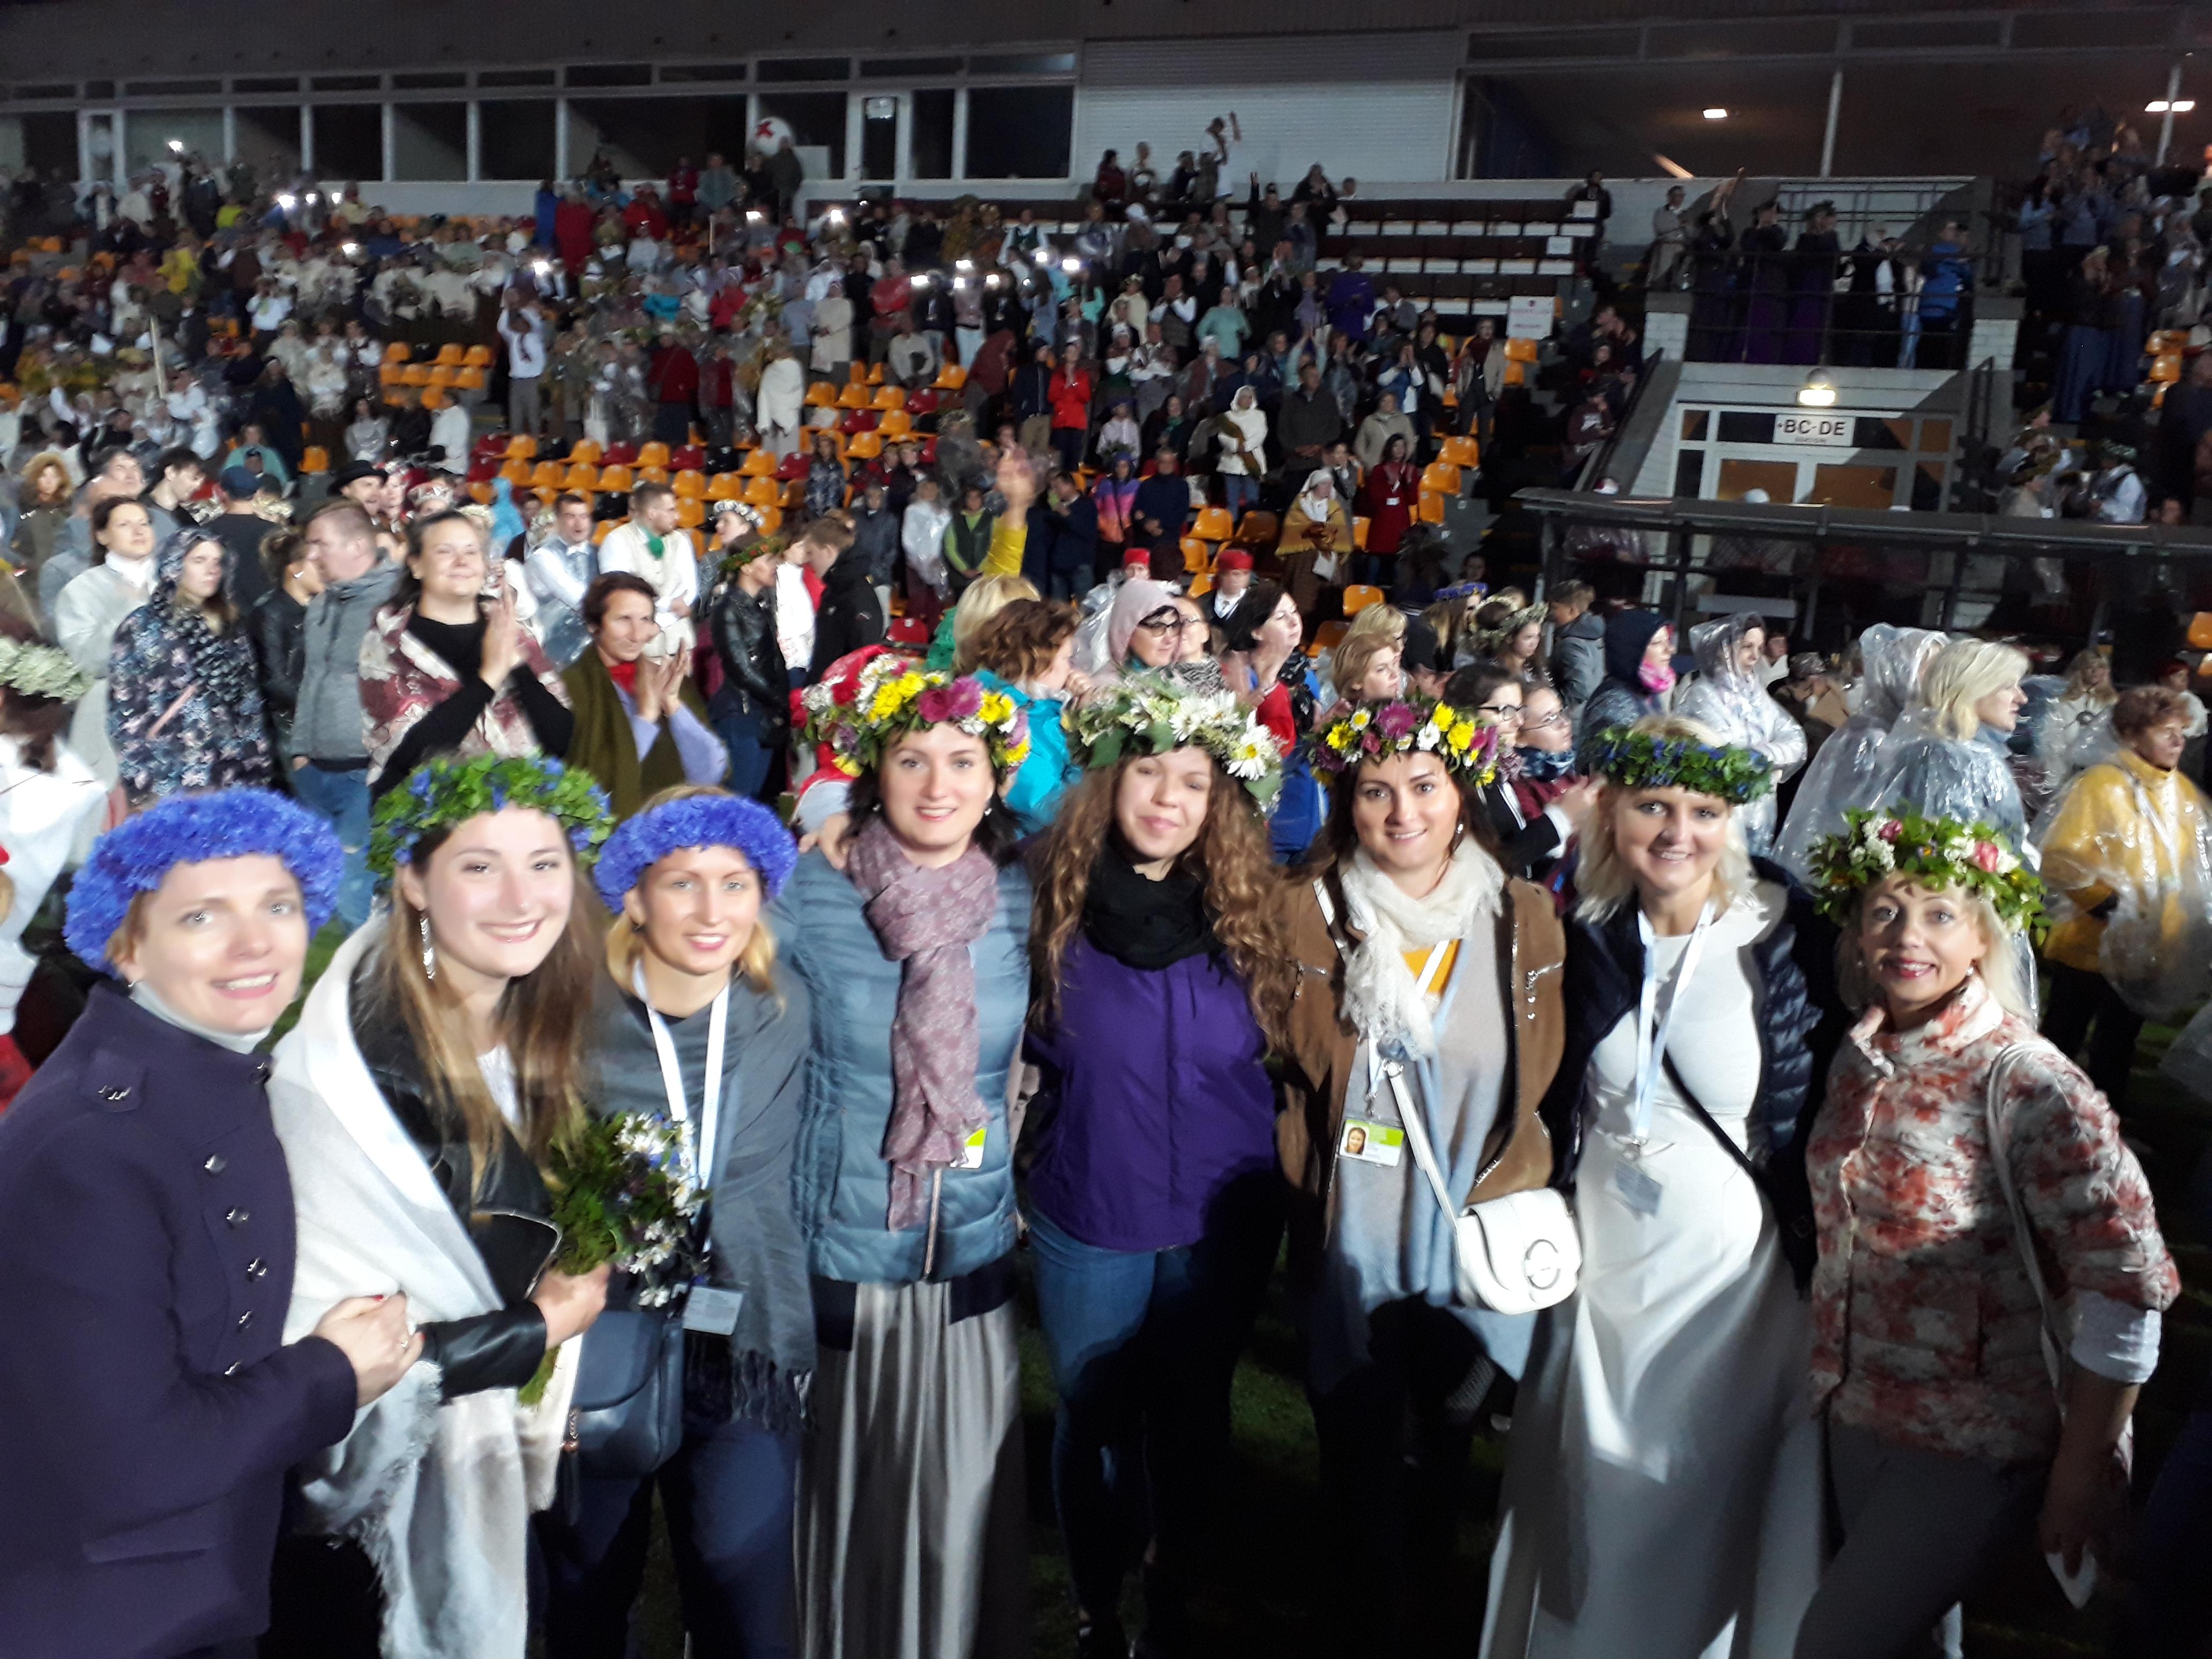 XXVI Vispārējos latviešu Dziesmu un  XVI Deju svētku Atklāšanas koncerta vadmotīvs bija Latvijas 100. dzimšanas dienas svinēšana. Krāšņs, interesants, daudzveidīgs, sirsnīgs  koncerts - S!P!K! koristes to izbaudīja un priecājās kopā ar dejotājiem, pūtējiem, folkloristiem un pārējiem svētku dalībniekiem;